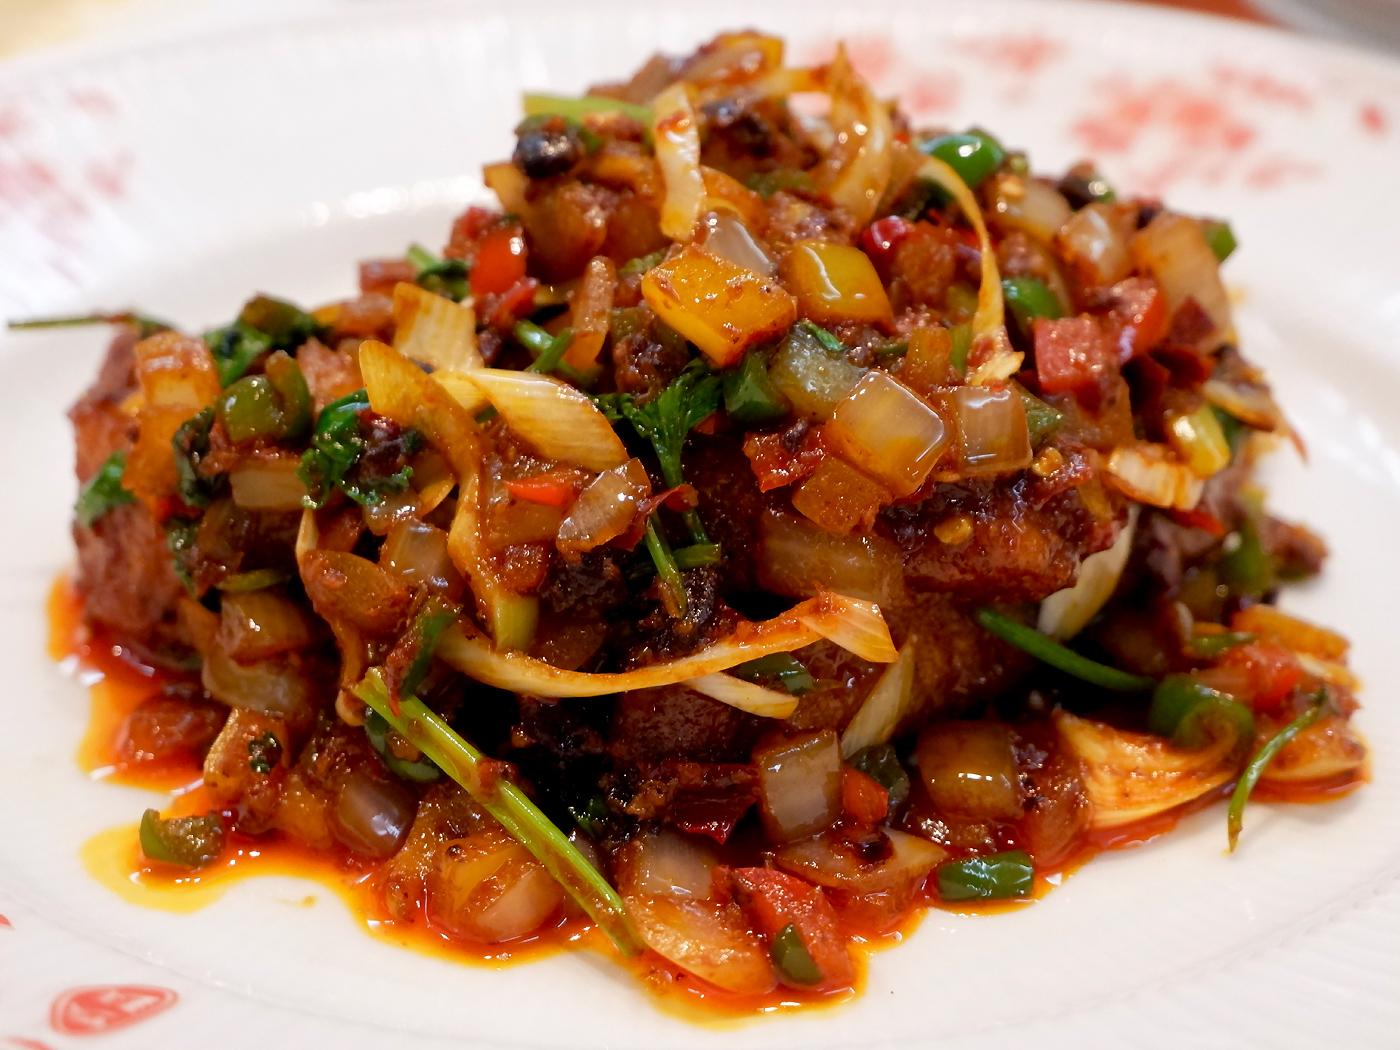 豉辣羊排(フランス産ラムスペアリブの辛味豆豉炒め)